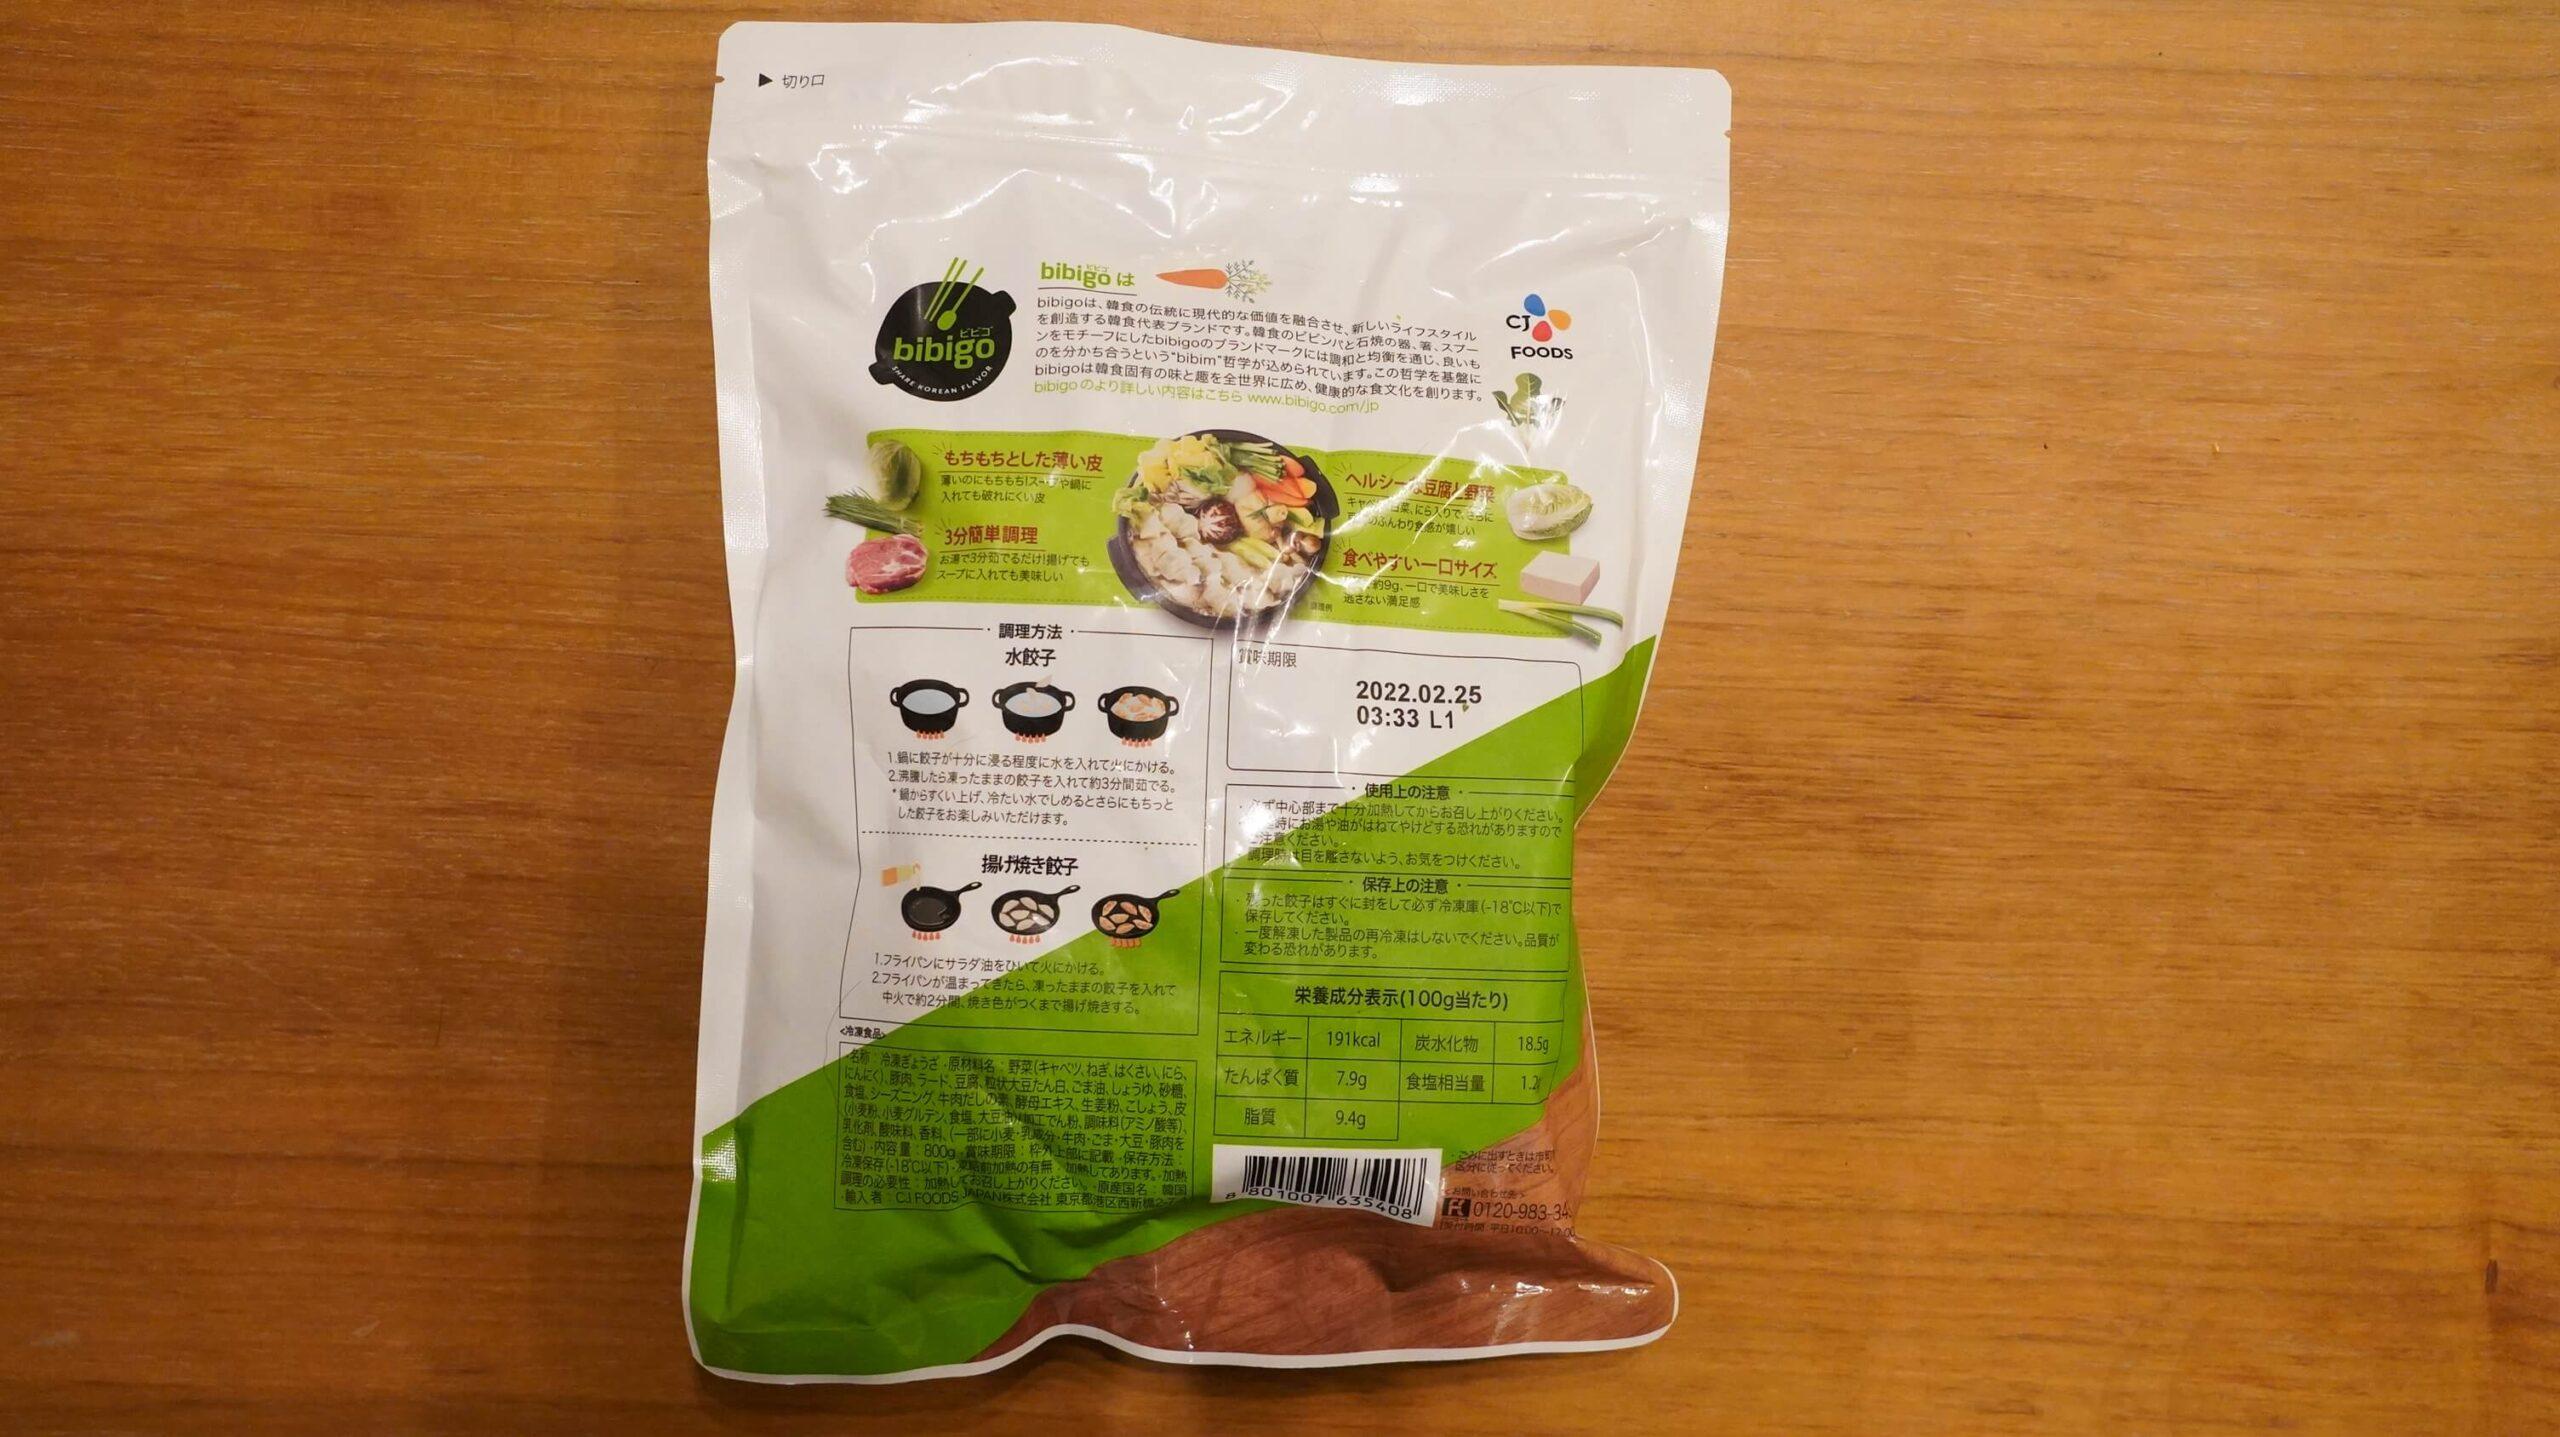 コストコの冷凍食品「ビビゴ 水餃子」のパッケージ裏面の写真